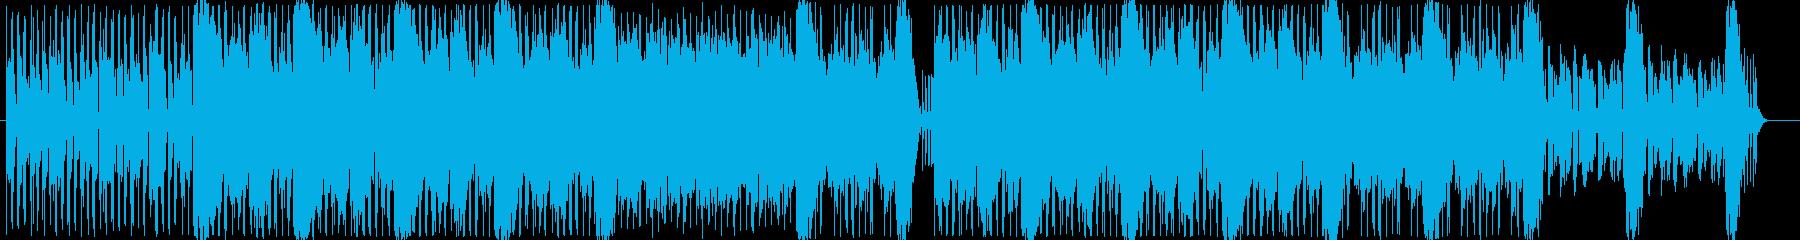 スローテンポの優しいBGMの再生済みの波形